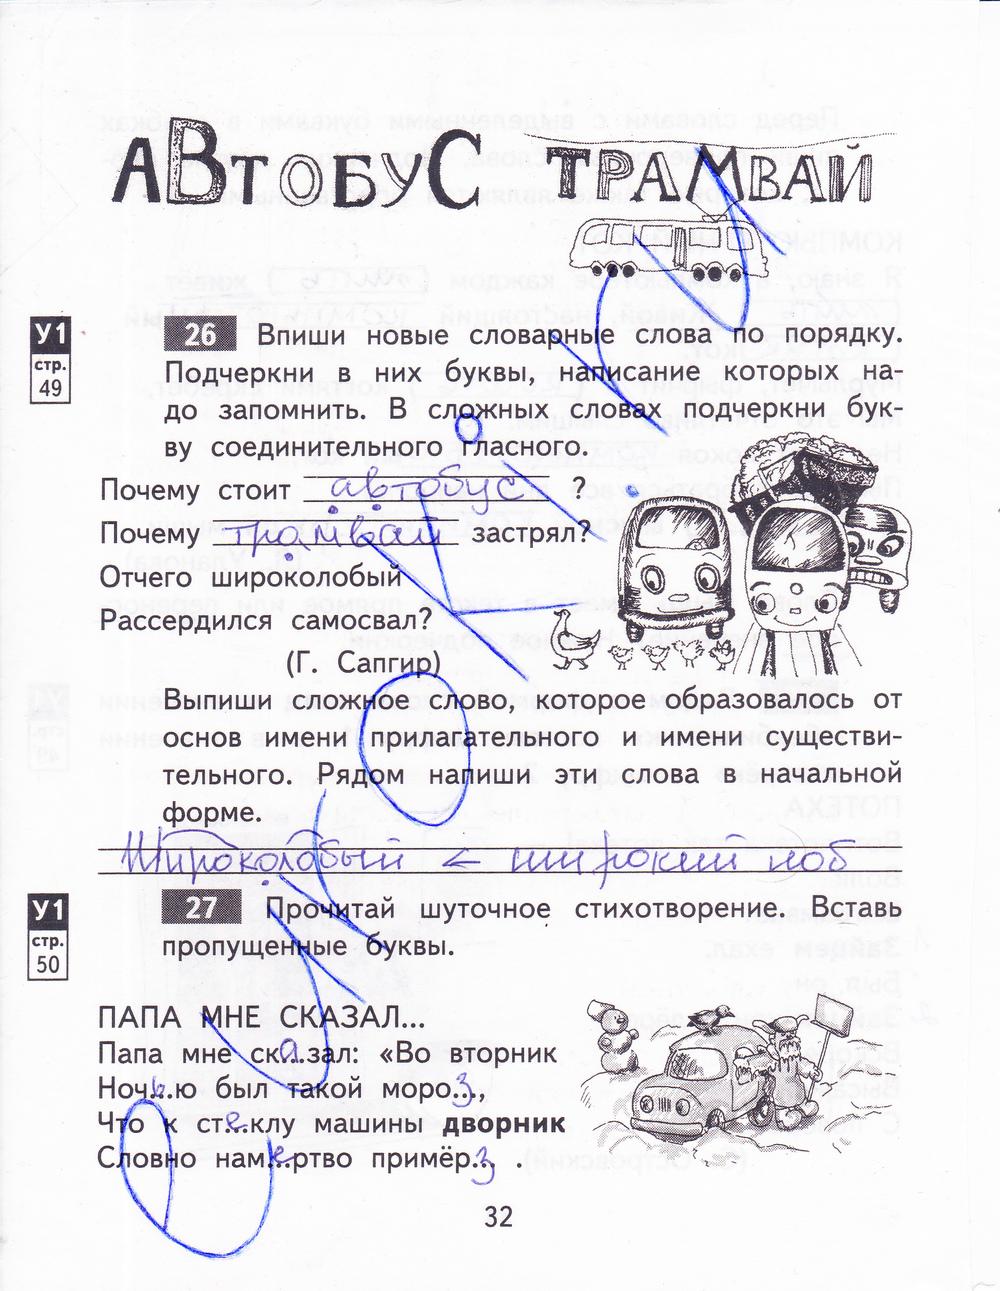 Решебник по русскому языку 3 класс байкова скачать бесплатно